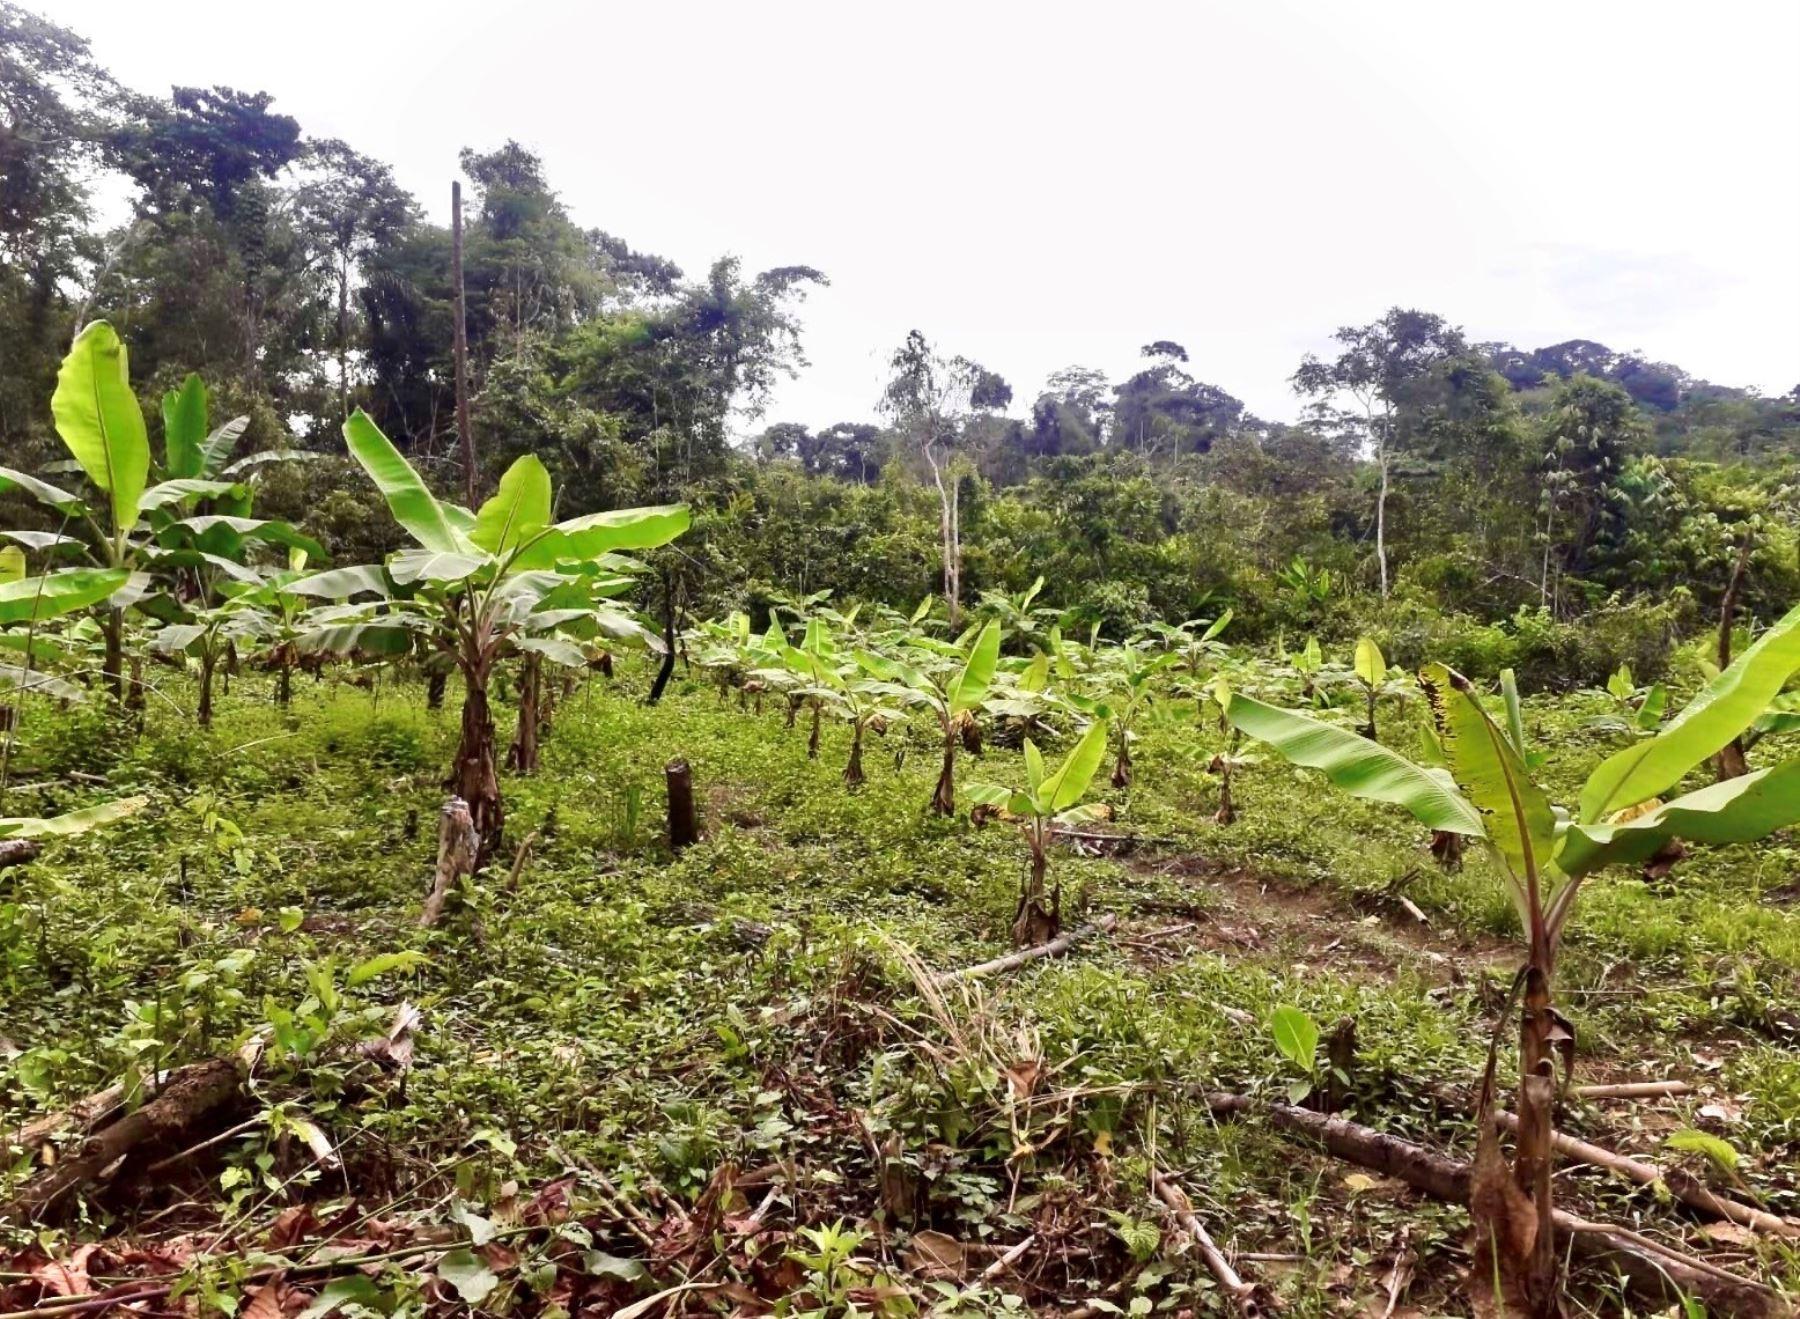 Especialistas de la Universidad Nacional San Antonio Abad del Cusco inician investigación para promover el plátano como cultivo alternativo en la zona de amortiguamiento del Parque Nacional del Manu, en Madre de Dios. ANDINA/Difusión